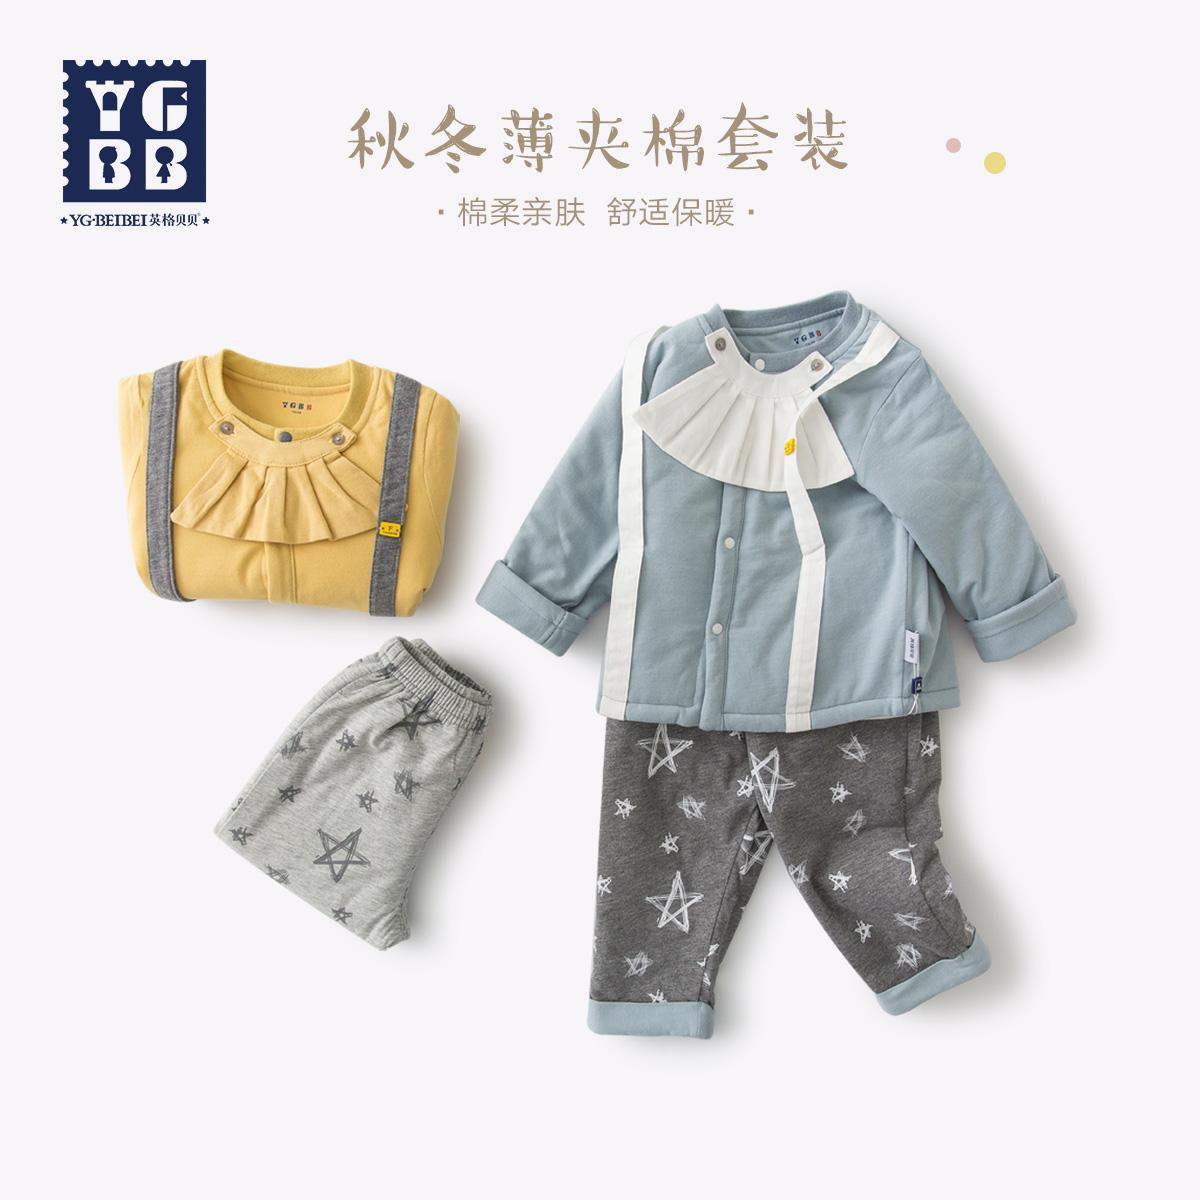 Одежда для младенцев Артикул 565773396084